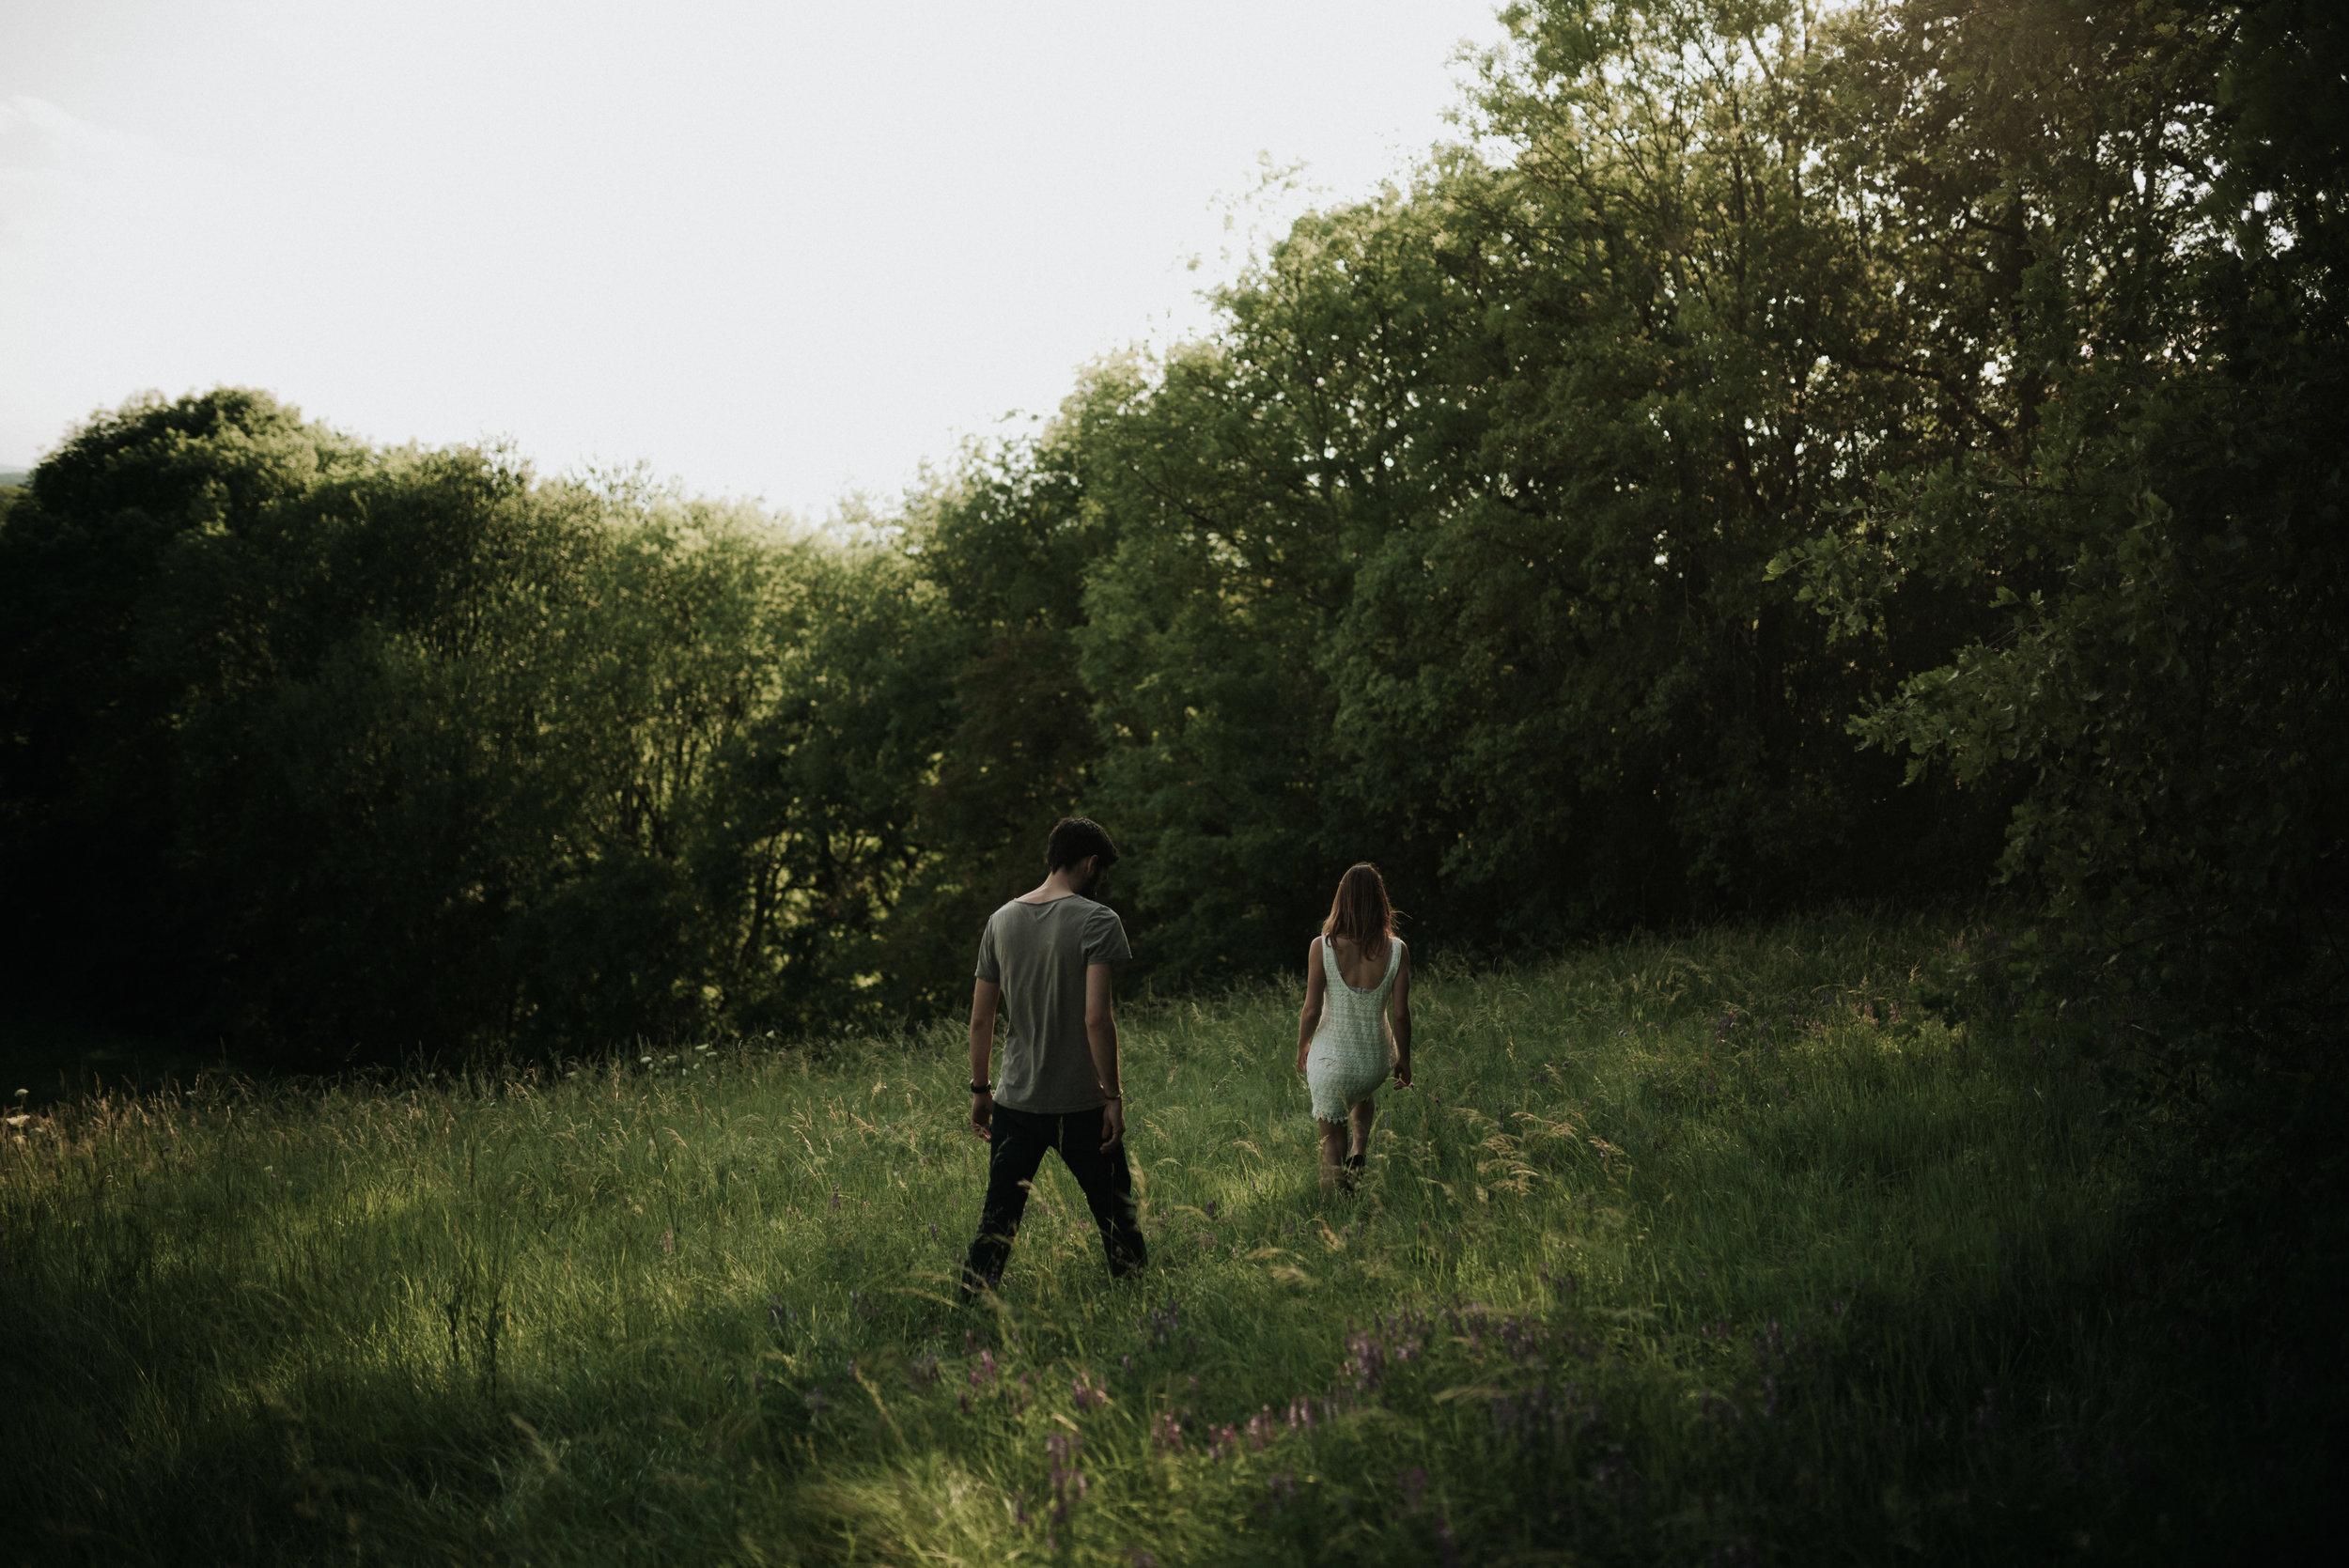 Léa-Fery-photographe-professionnel-lyon-rhone-alpes-portrait-creation-mariage-evenement-evenementiel-famille-0349.jpg